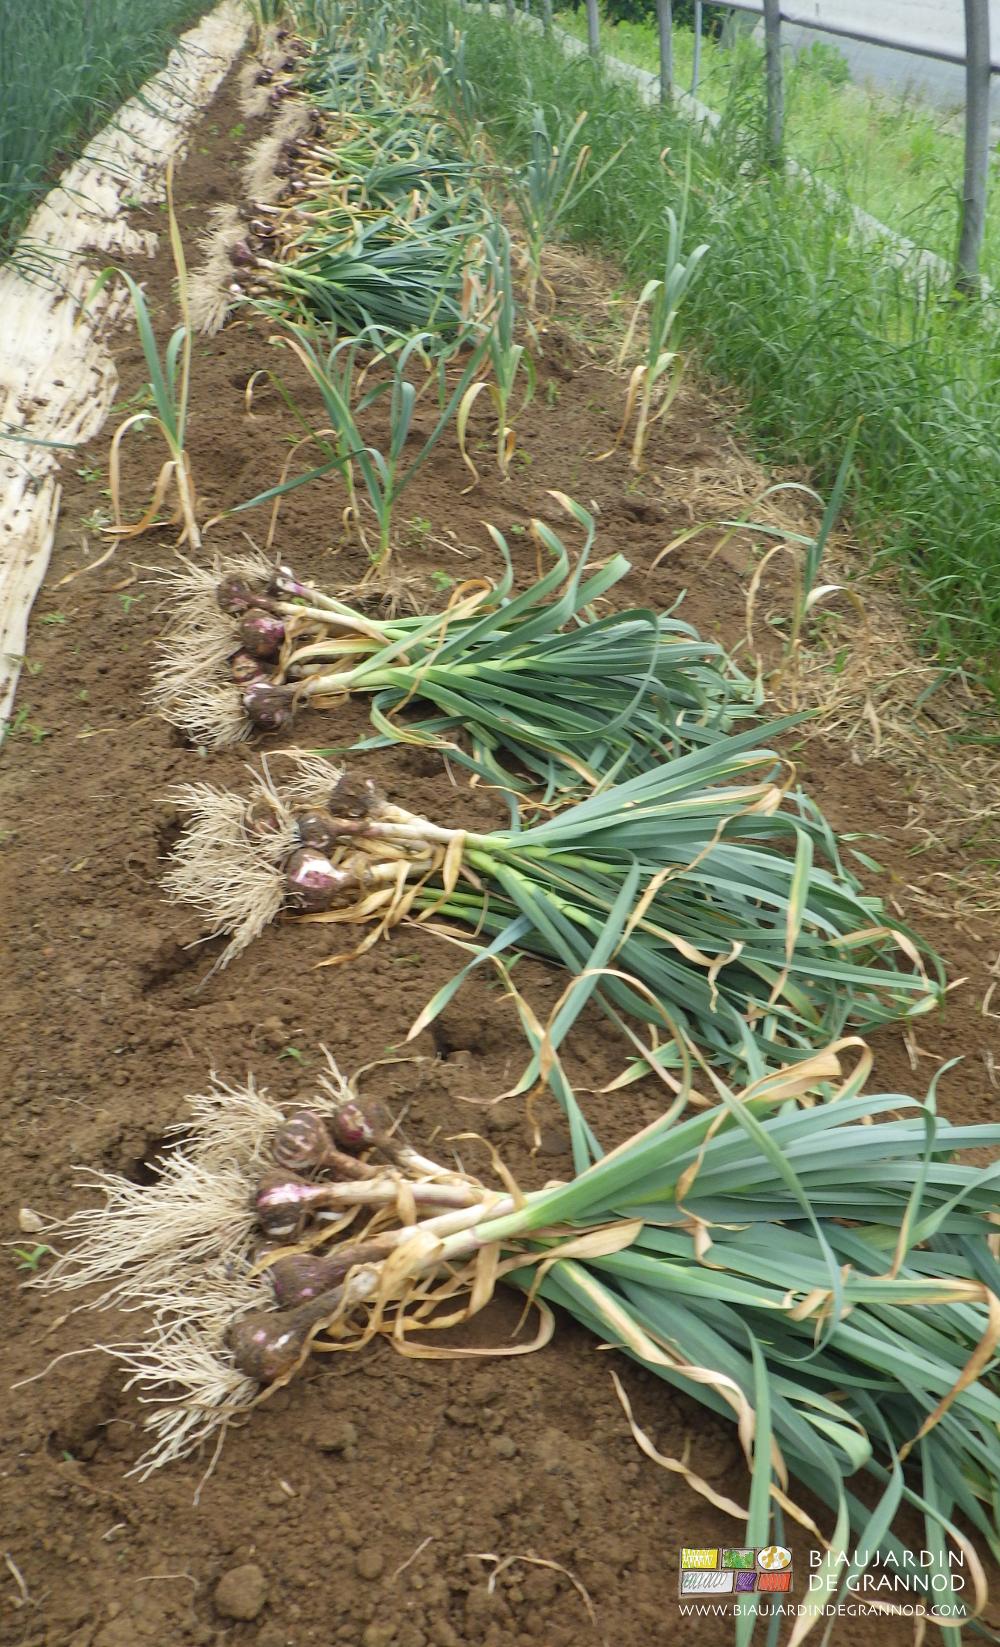 Ail biau jardin de grannod - Recolte de l ail ...